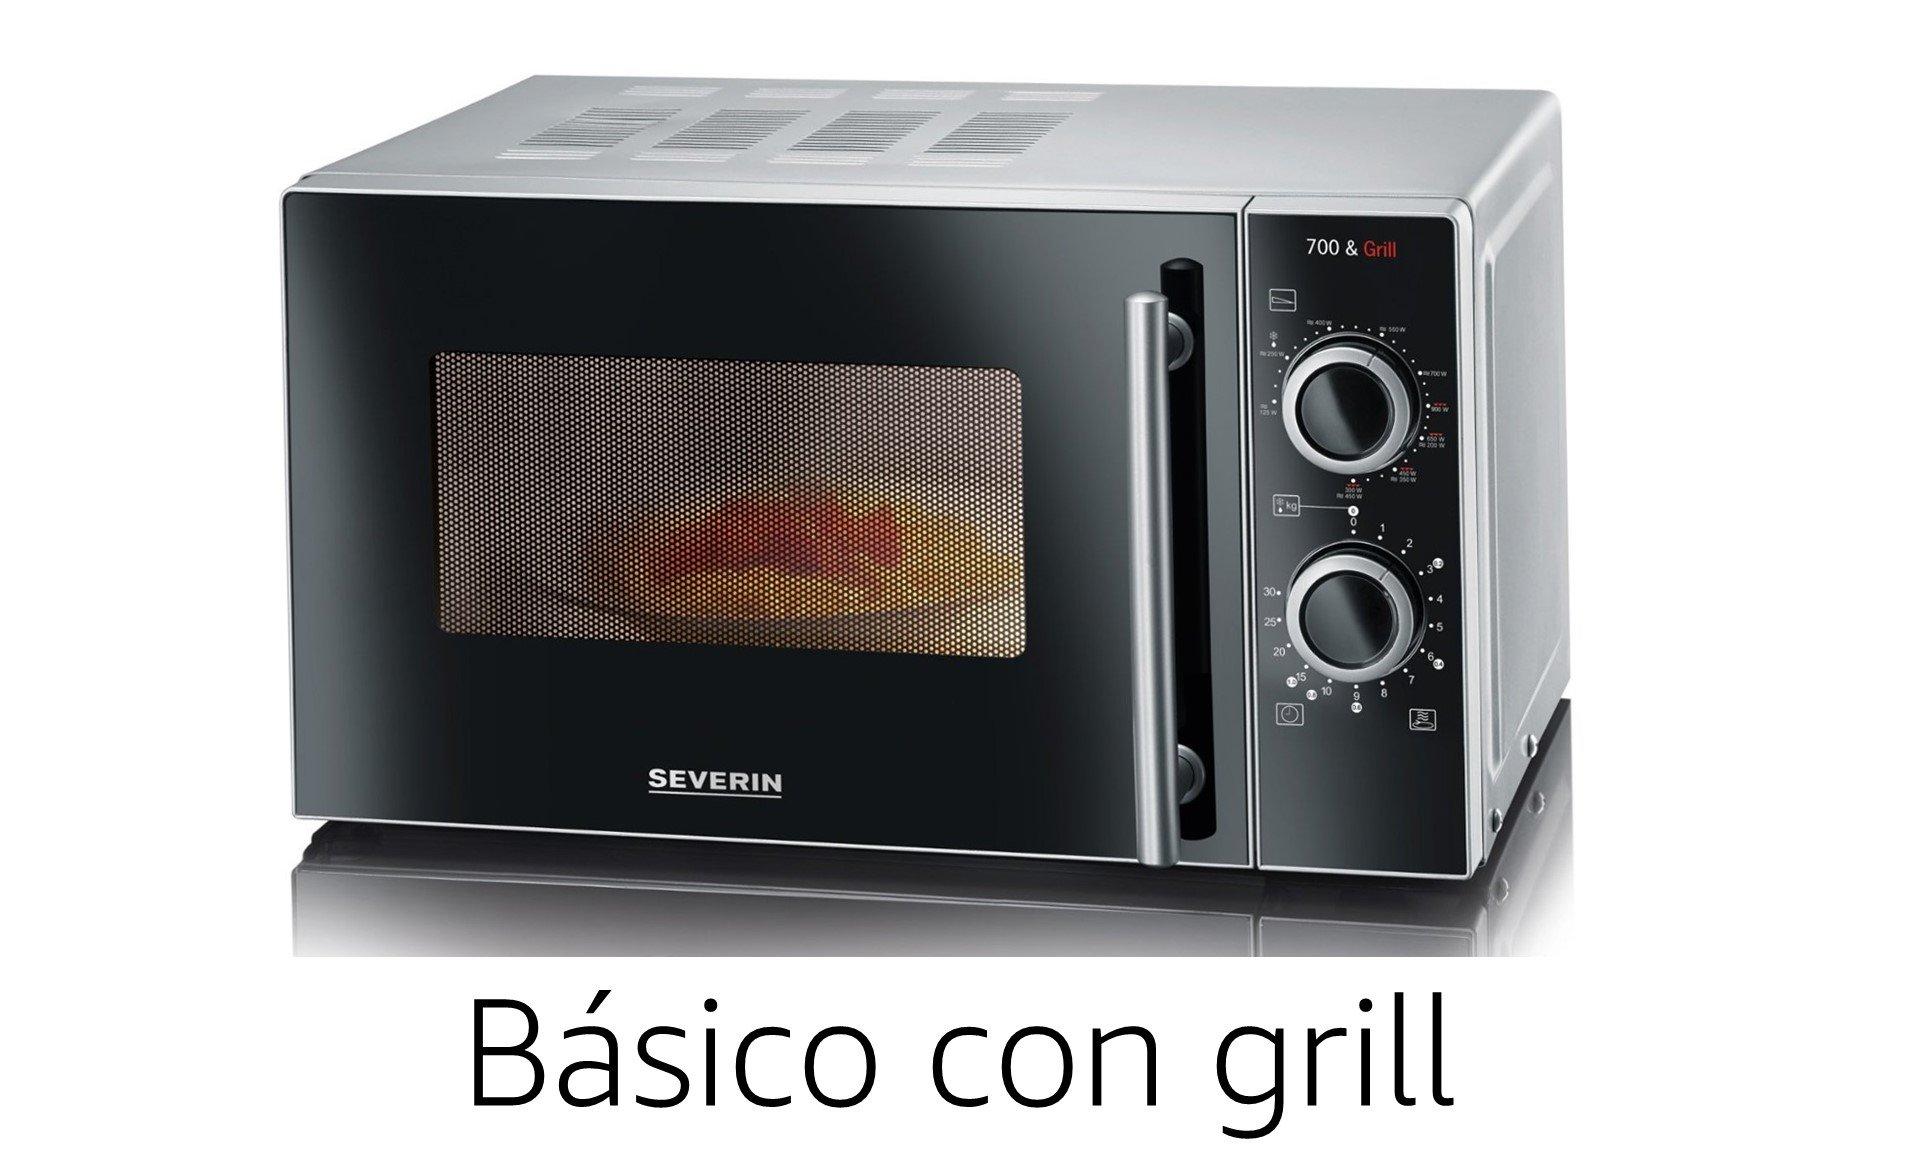 Microondas básico con grill